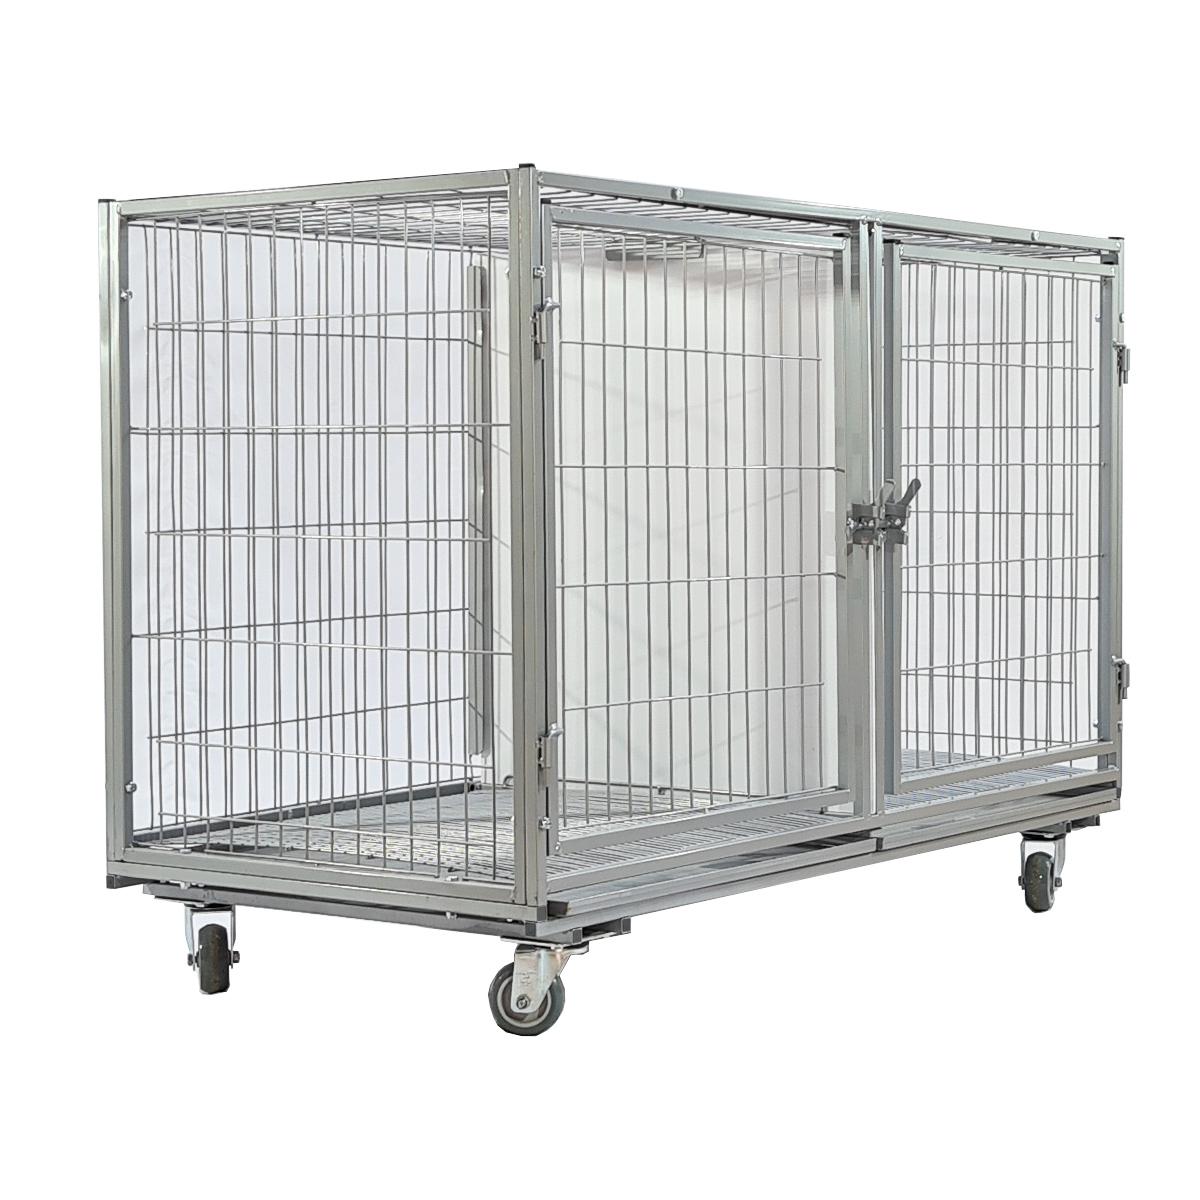 Gaiola cães gatos 2 lugares banho e tosa veterinária